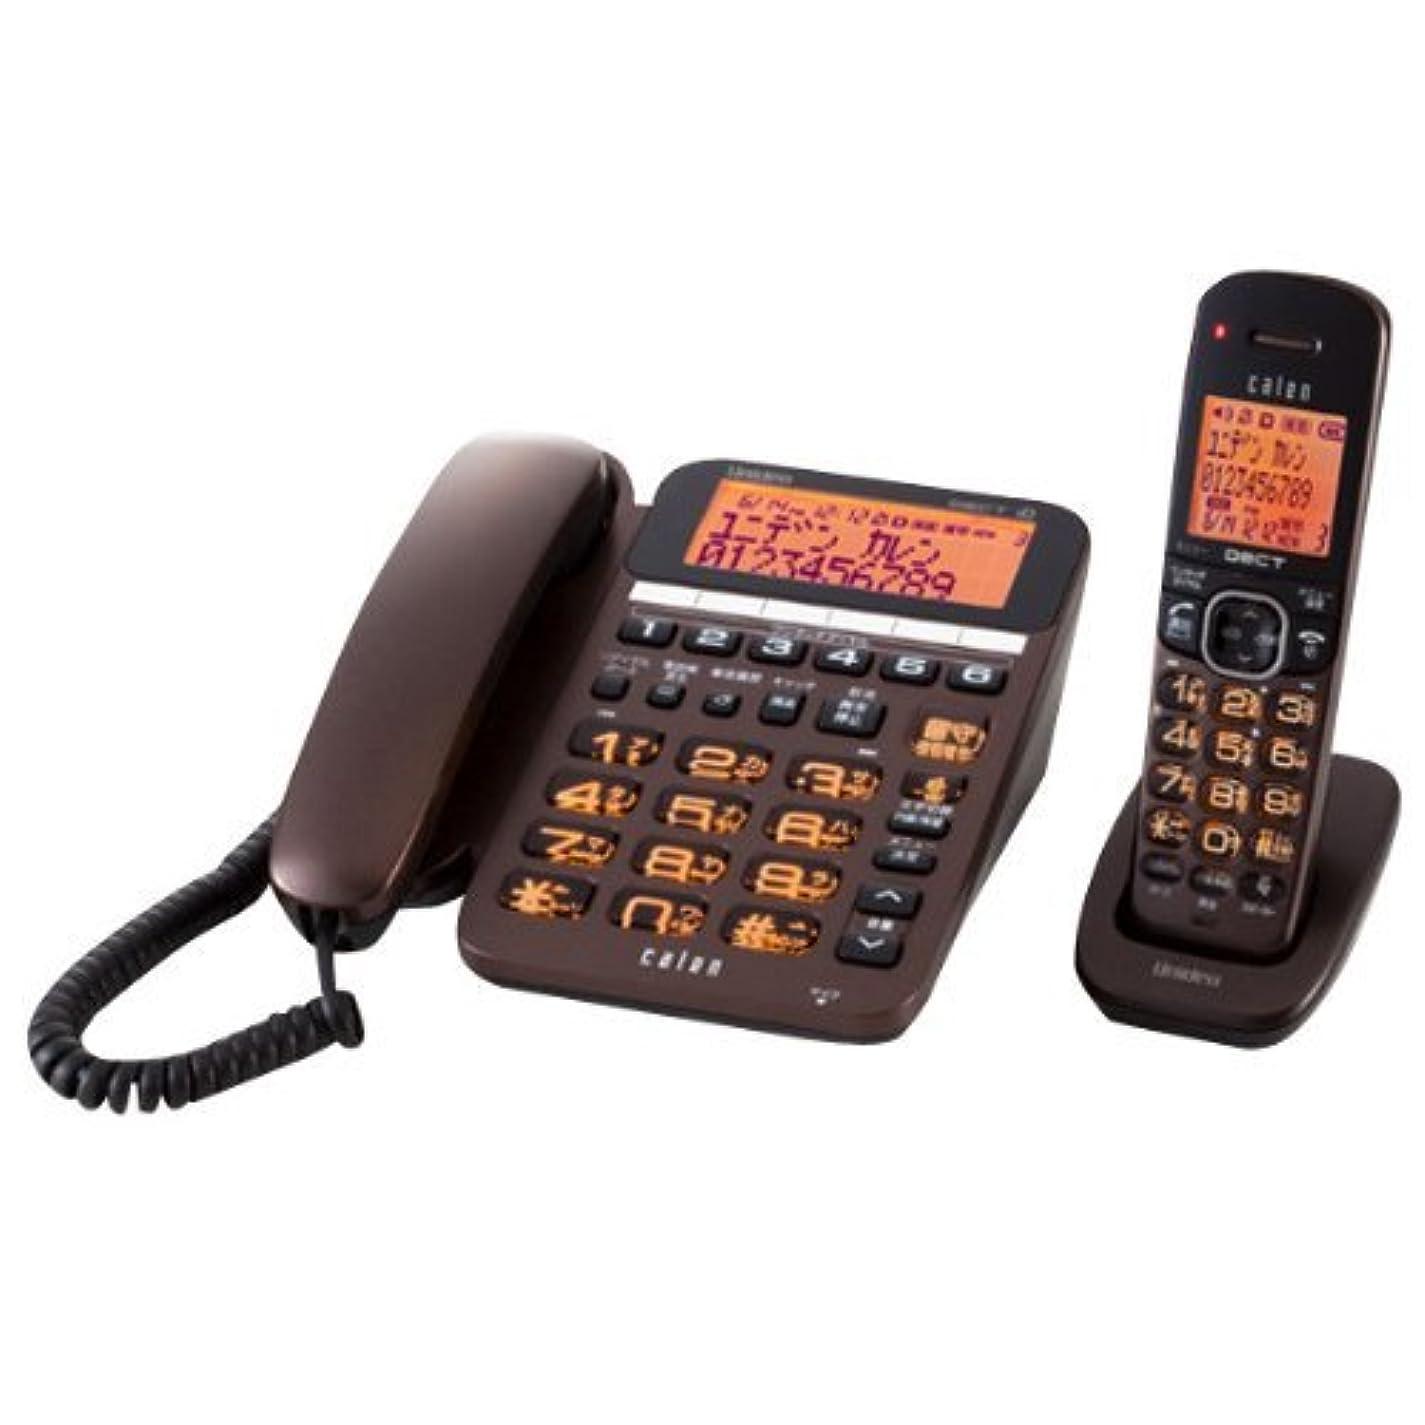 粒子料理をする債権者ユニデン DECT方式コードレス留守番電話機 本体+子機1台タイプ(パールブラウン) DECT2588(PB)